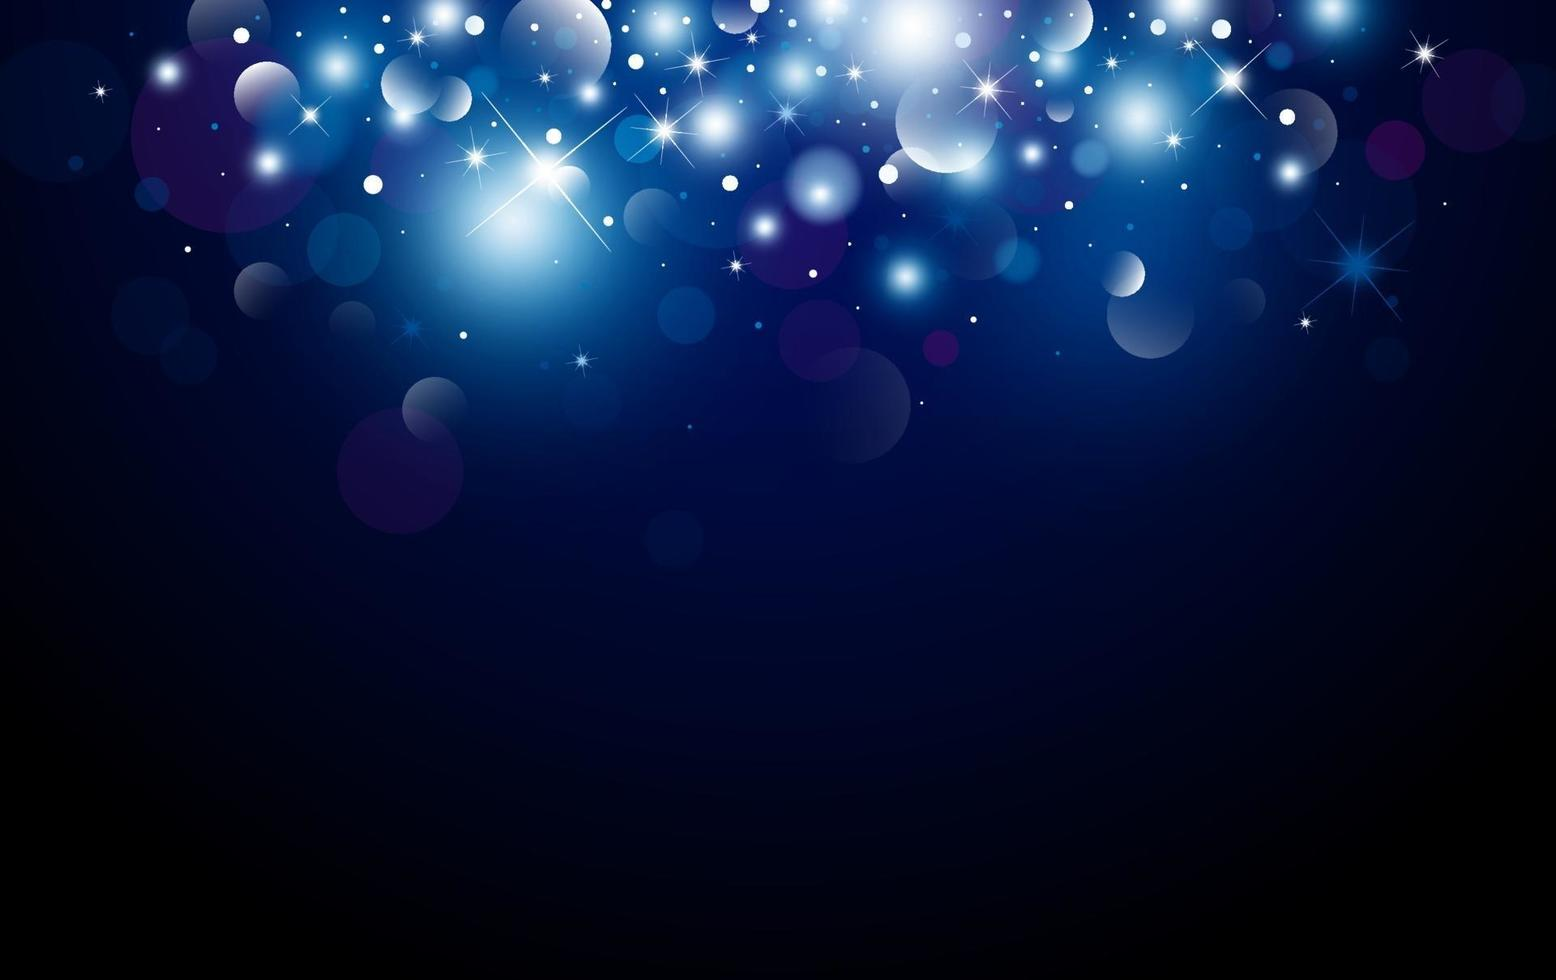 Weihnachtshintergrunddesign von Bokeh und Lichteffektvektorillustration vektor